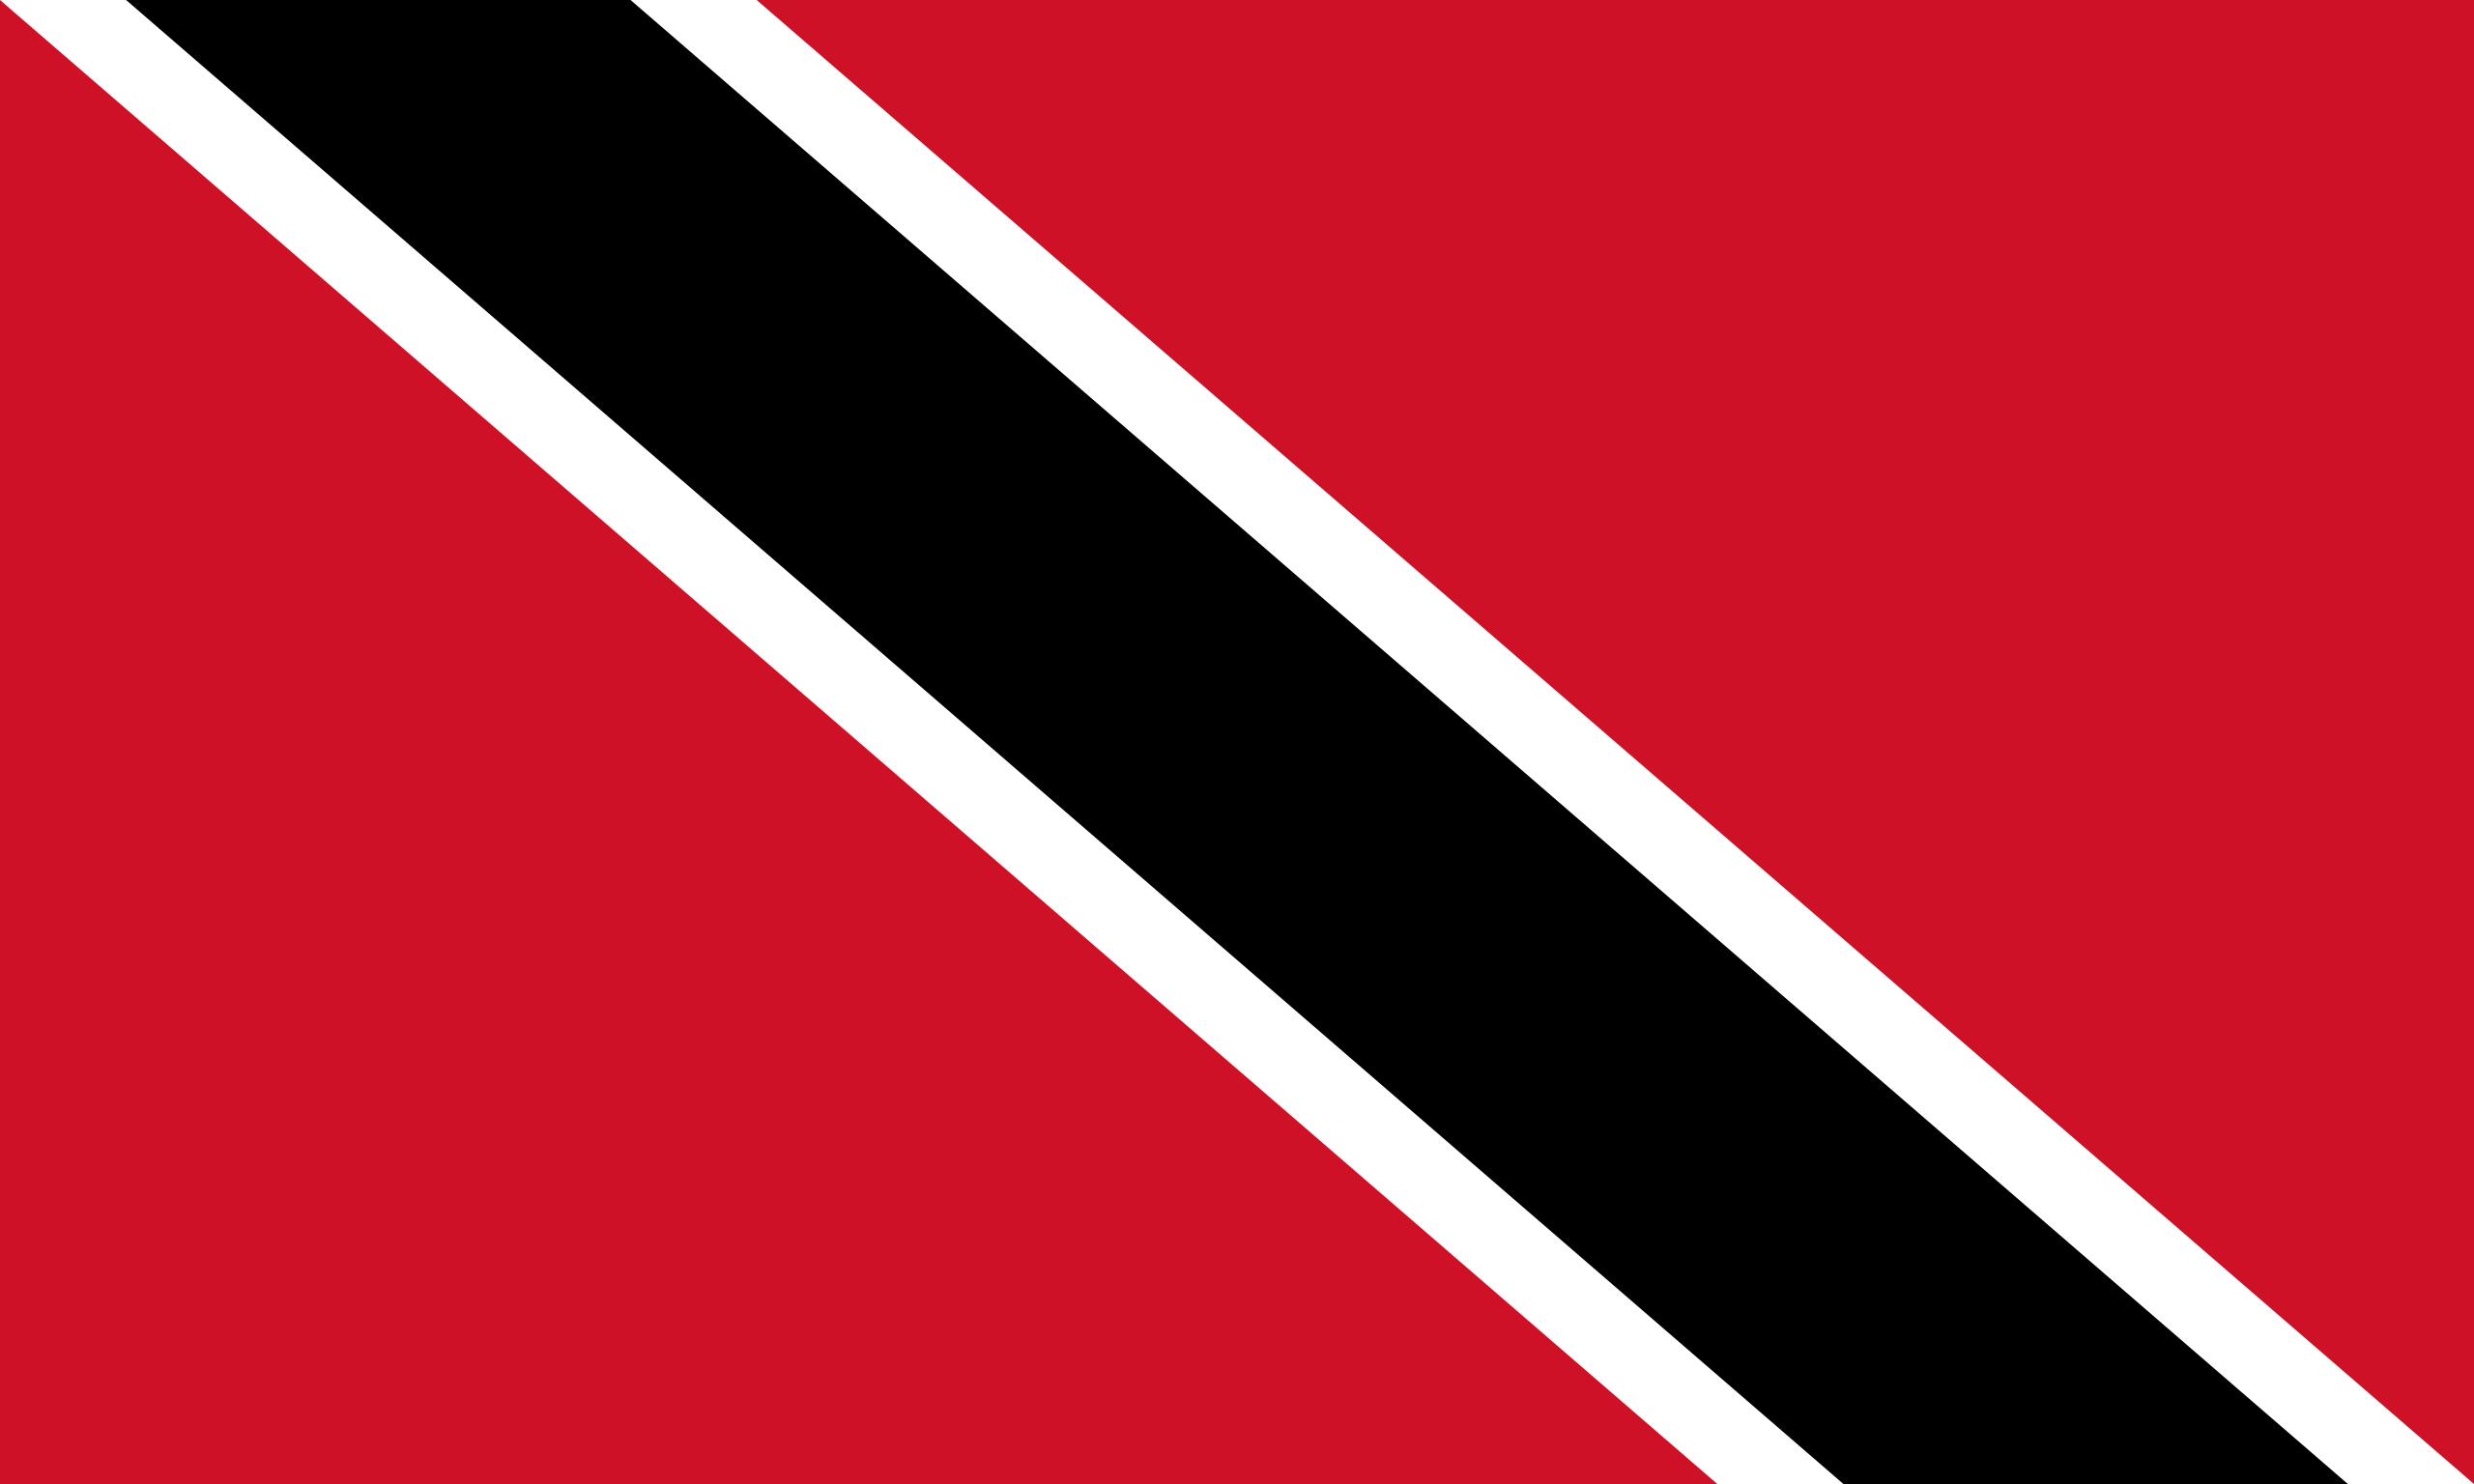 trinidad y tobago, страна, Эмблема, логотип, символ - Обои HD - Профессор falken.com